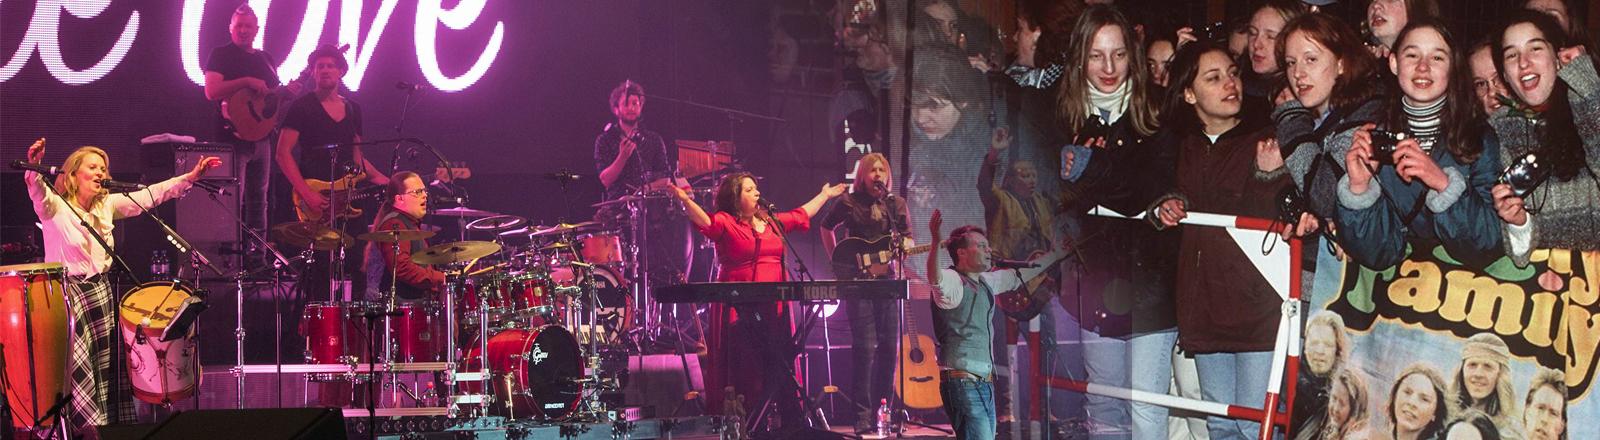 Die Kelly Family bei ihrem Auftritt in Dortmund am 20.05.2017 und Fans aus dem Jahr 1996.